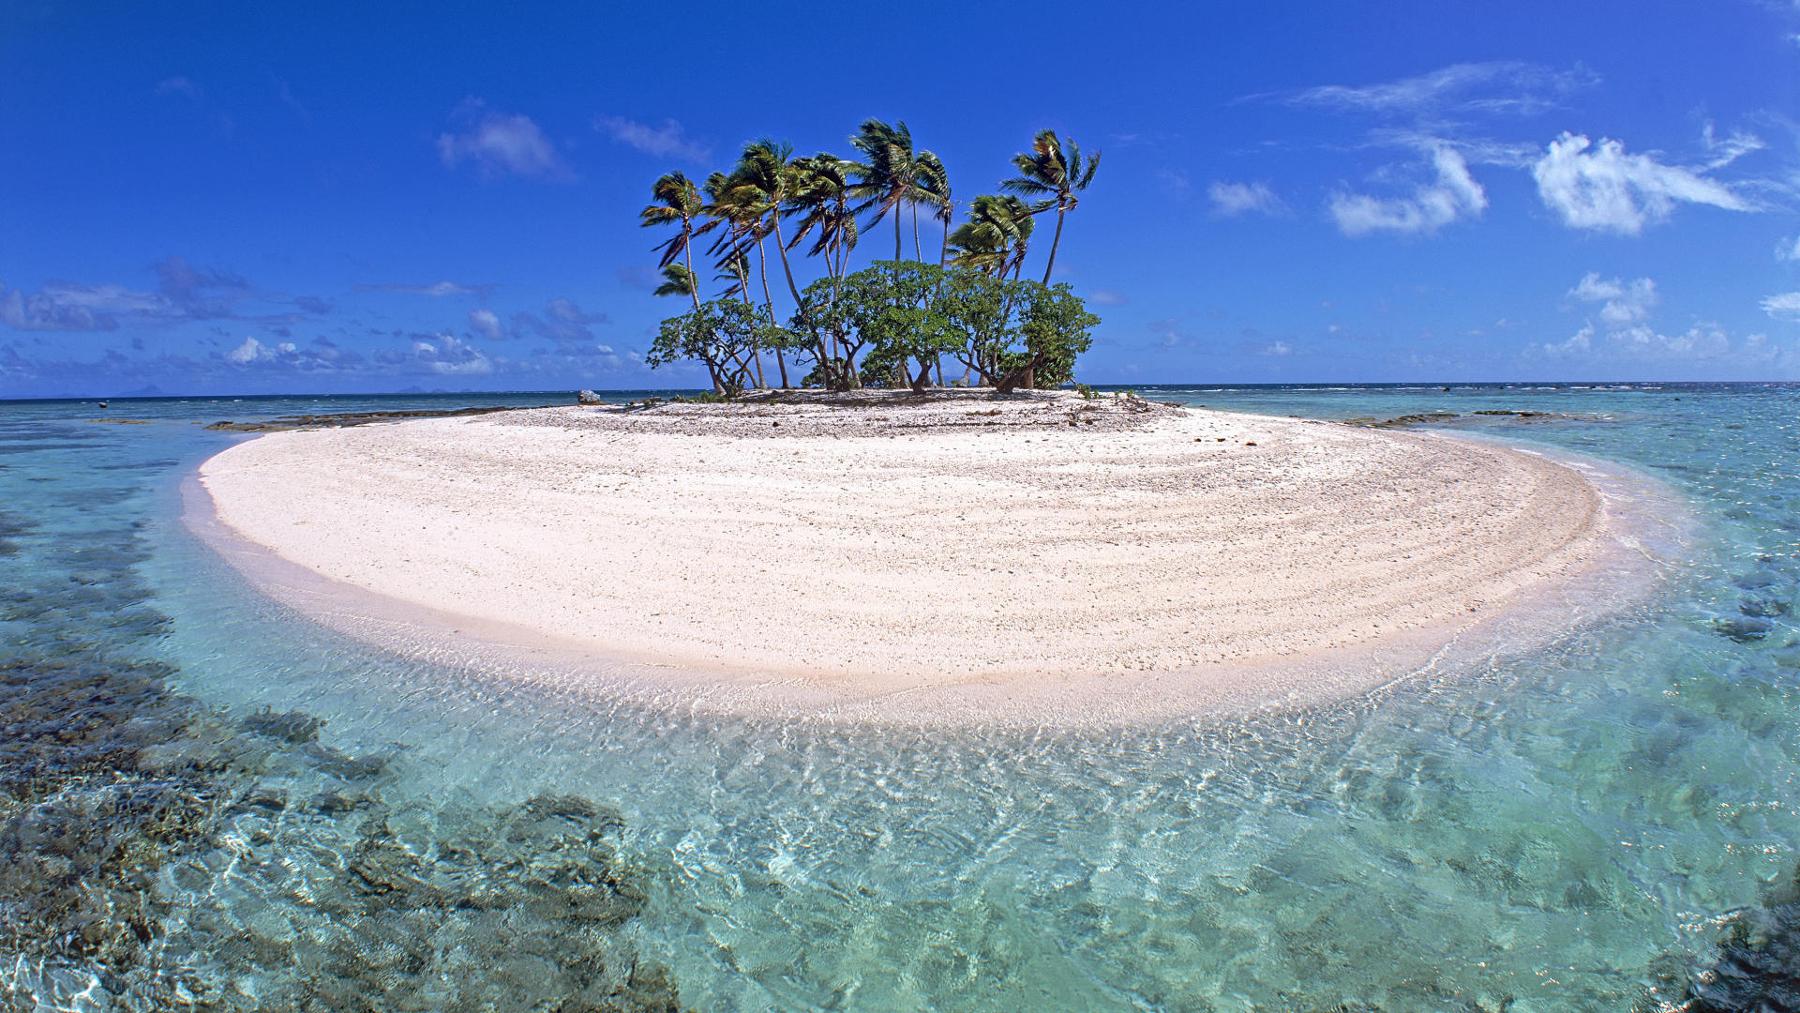 Vaccinazioni richieste per viaggio in Micronesia